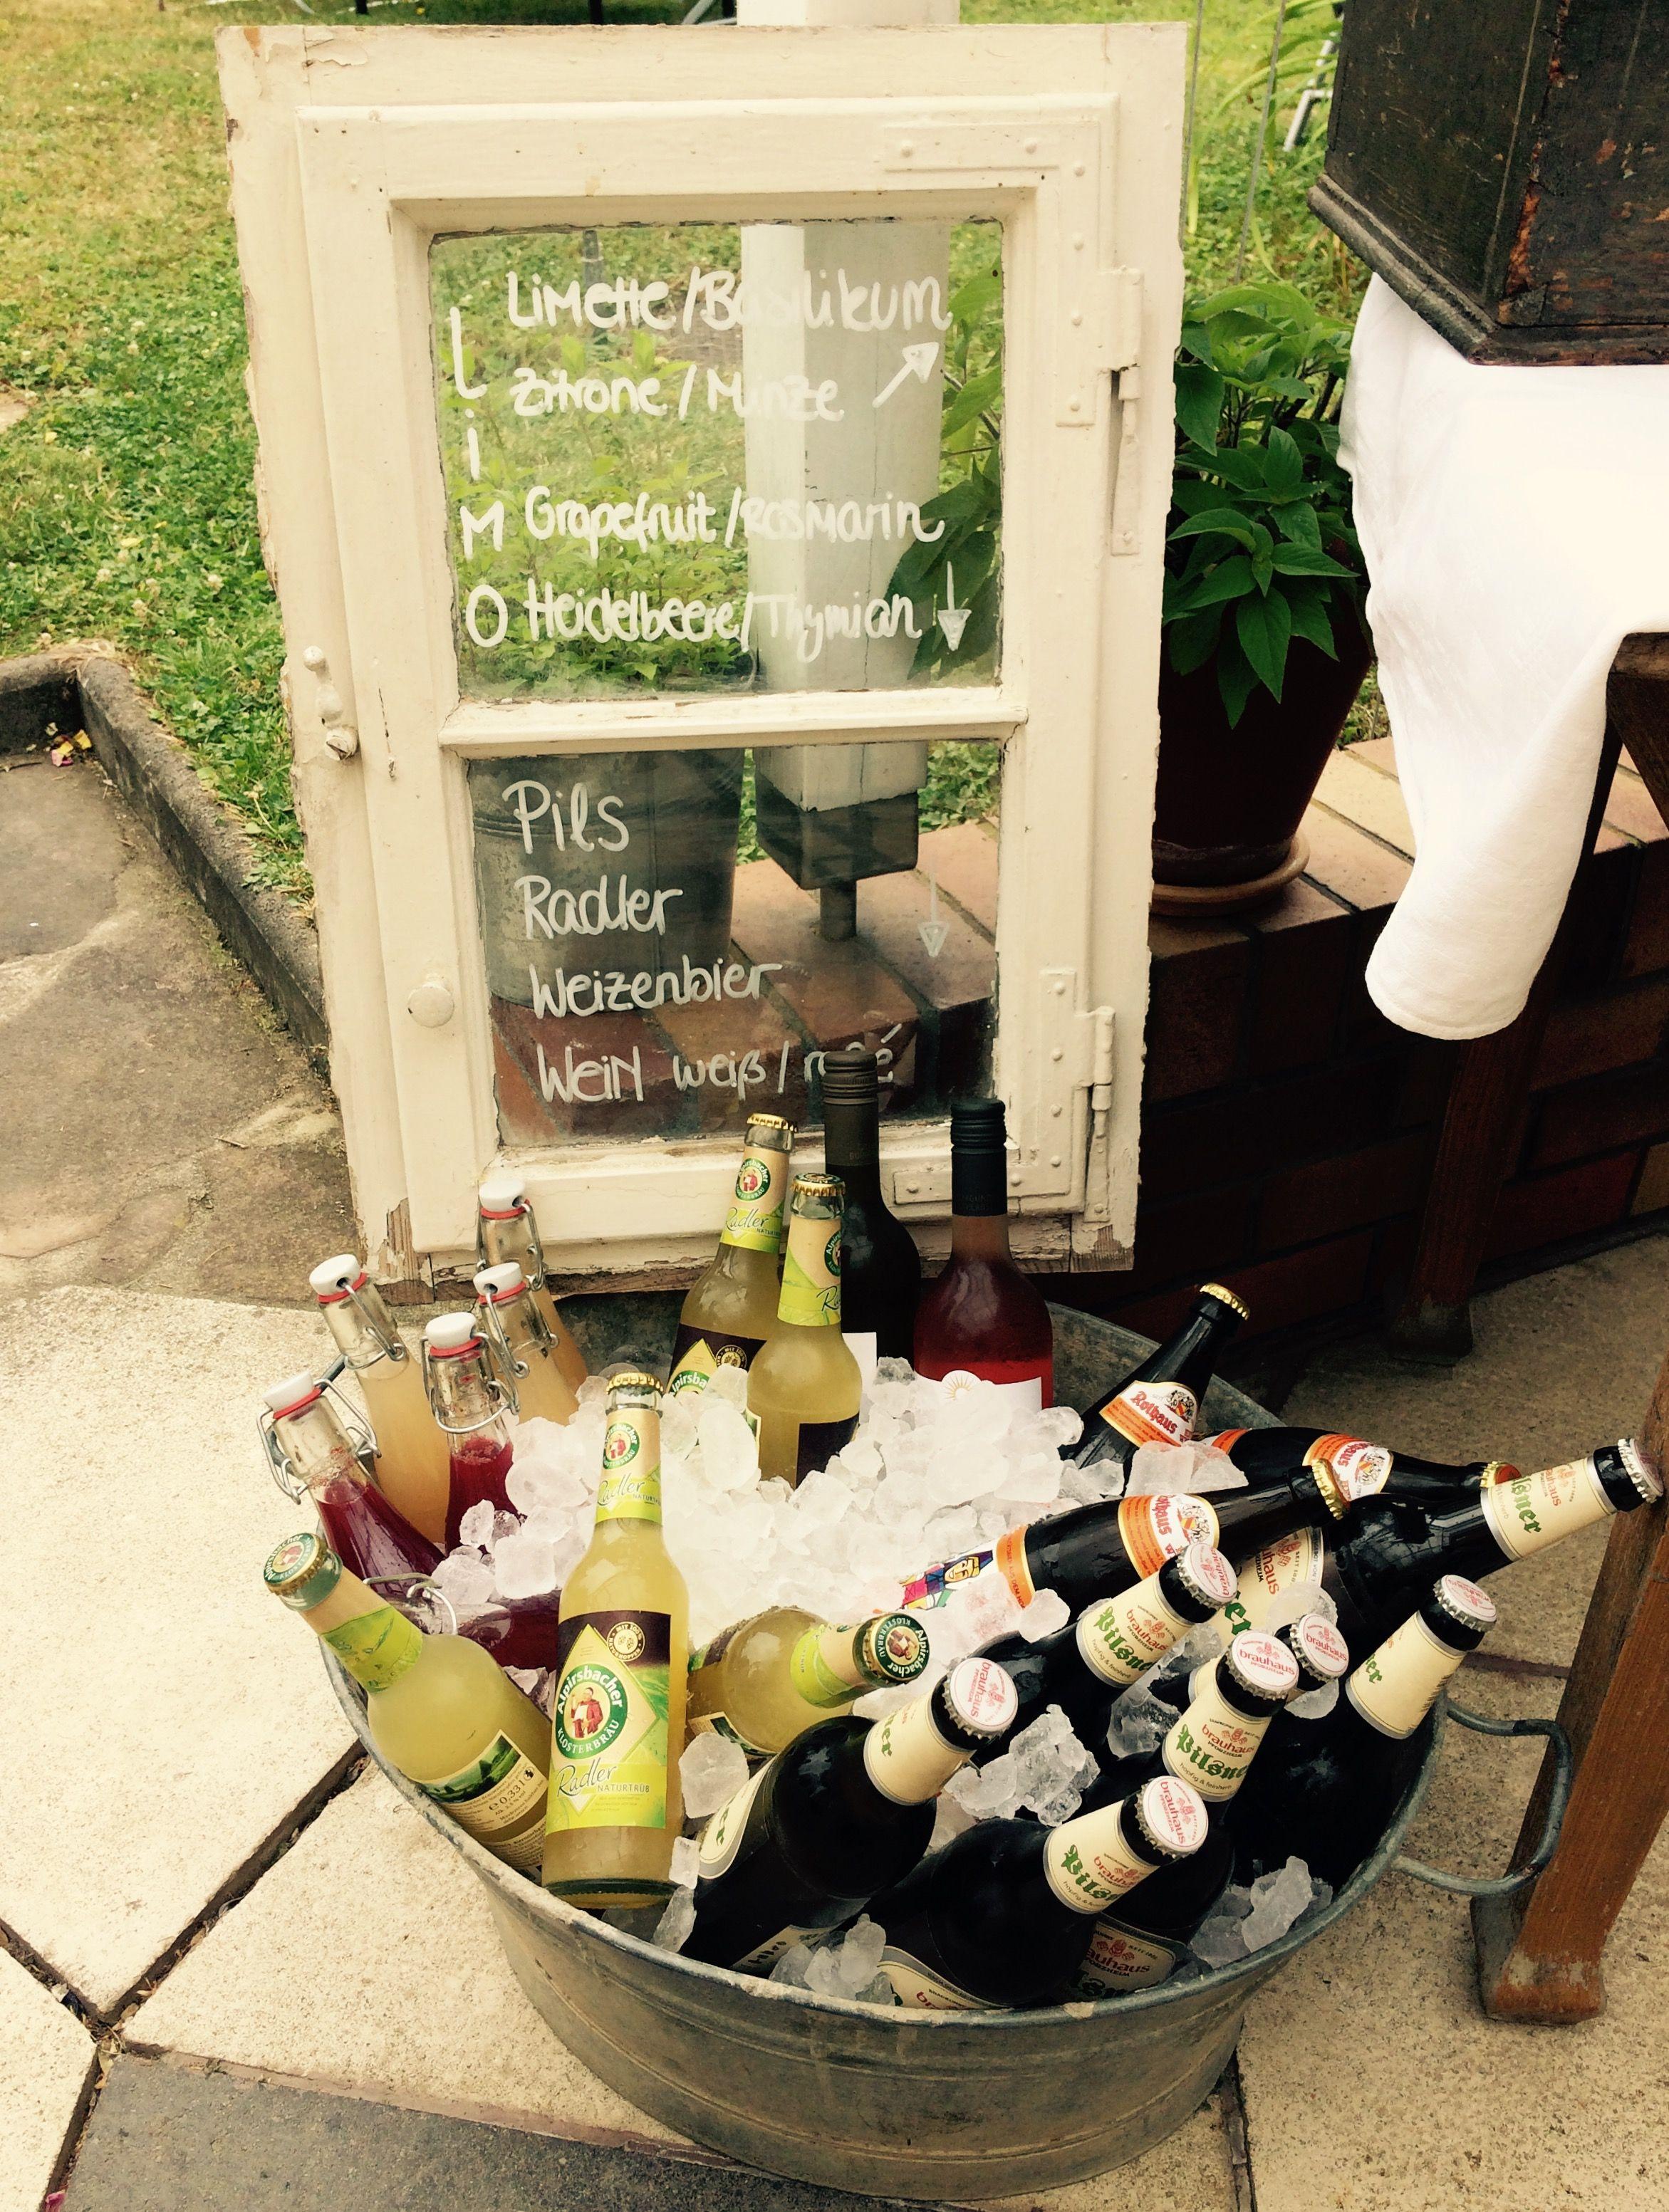 Getränke kühlen bei einer Gartenparty. Hausgemachte Limonade ...